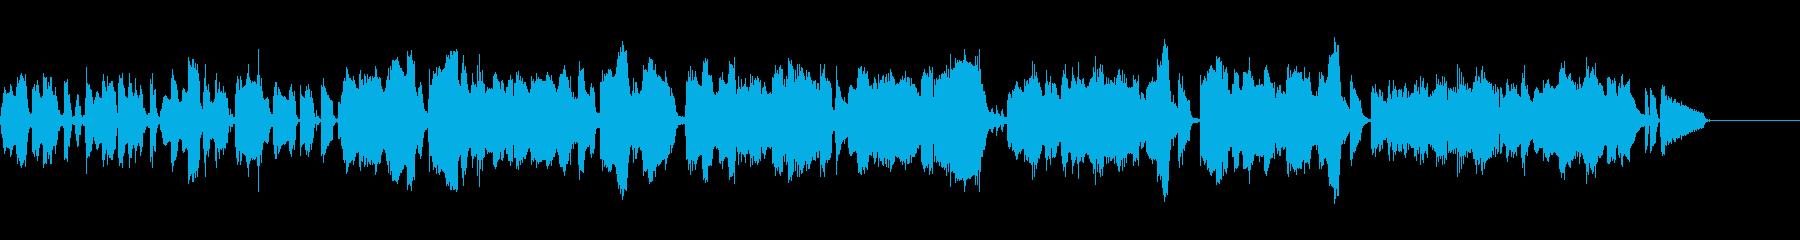 ほんわかしたブラジル風マーチの再生済みの波形